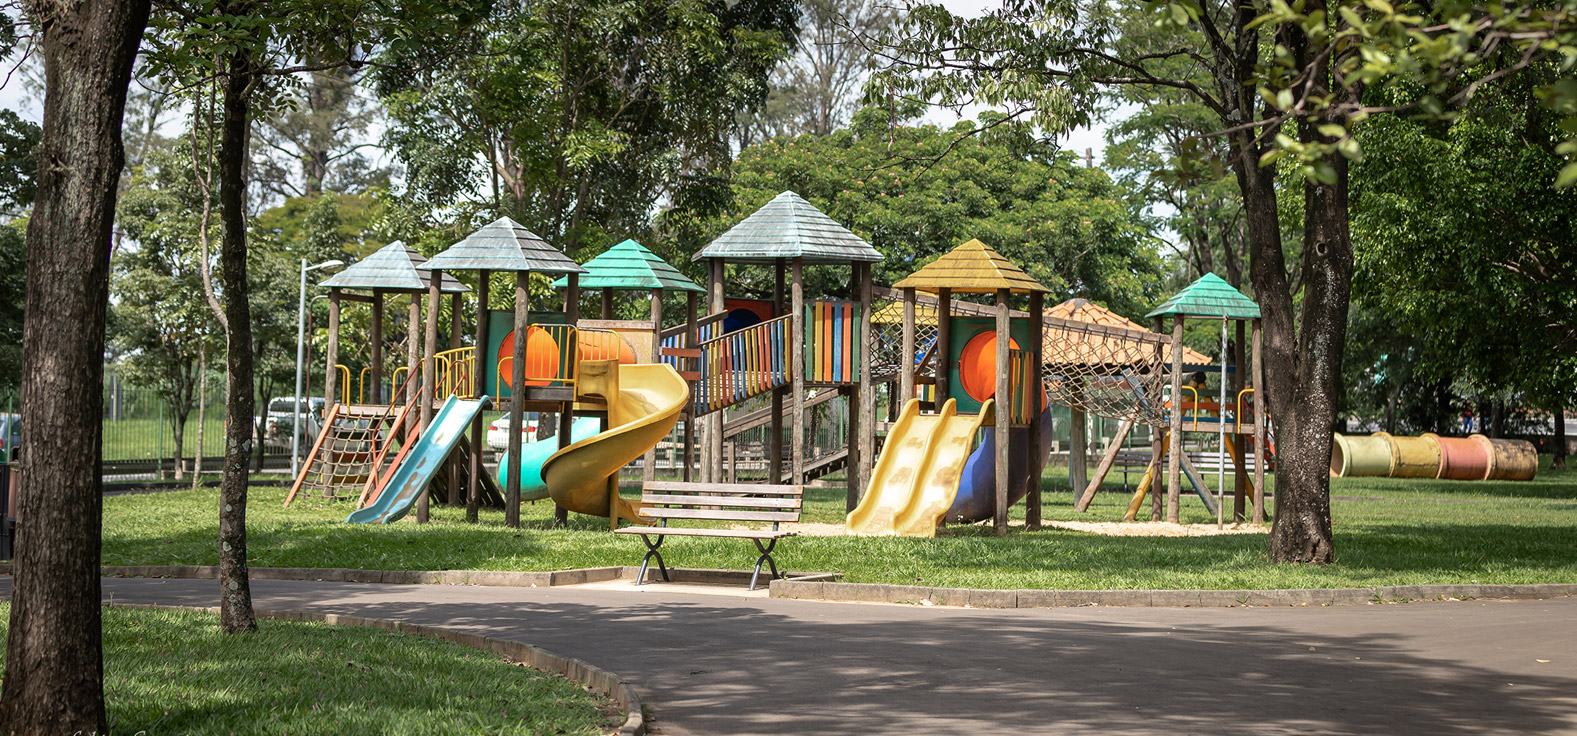 Zoológico Municipal e Paraíso das Crianças em Piracicaba